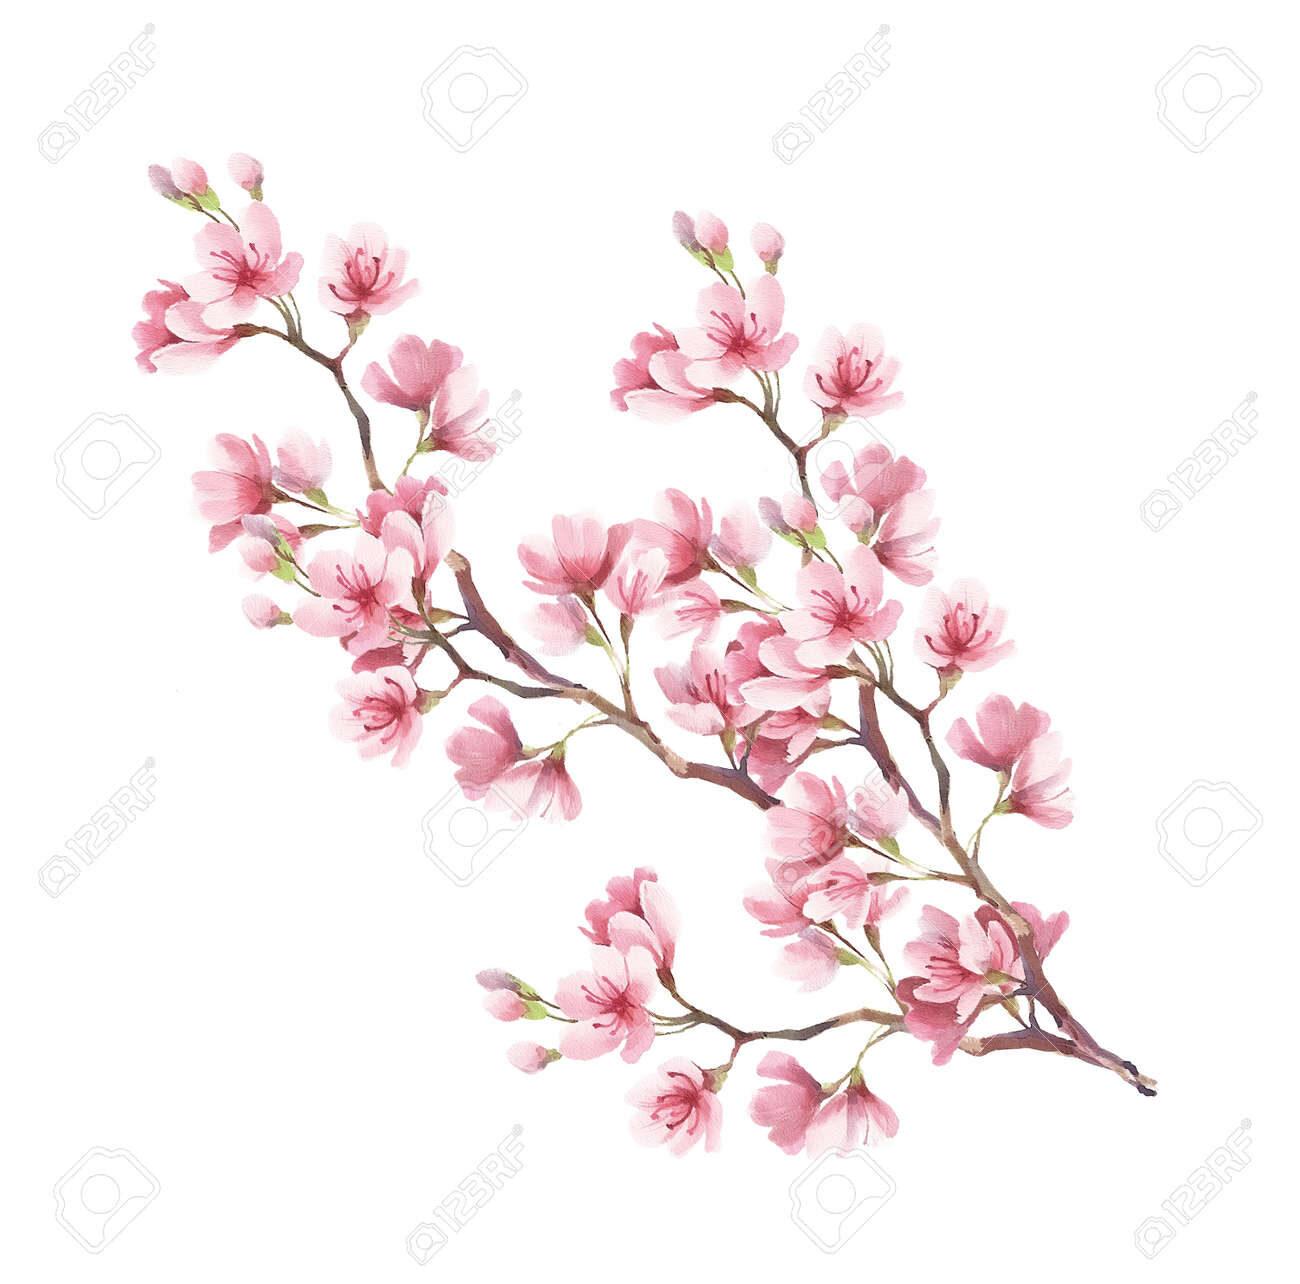 73659265-branche-de-fleurs-de-cerisier-dessin-à-la-main-de-l-aquarelle-.jpg